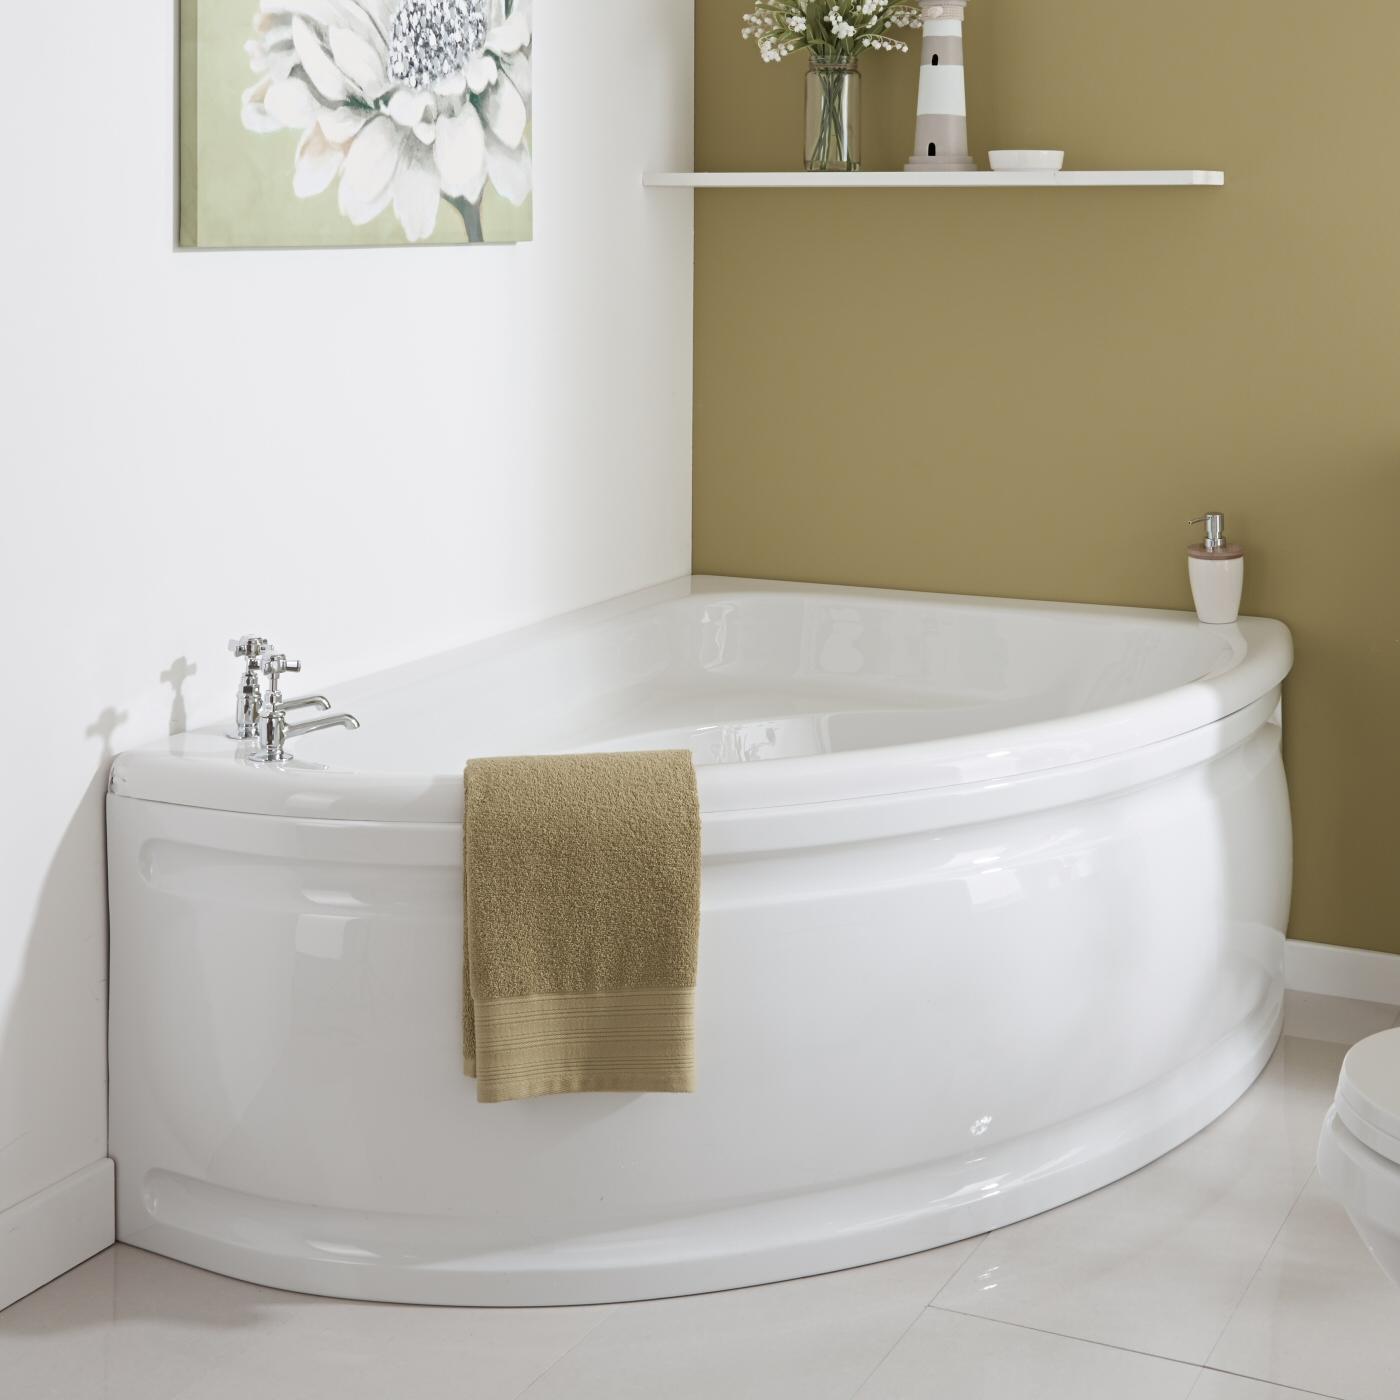 Vasca da Bagno 150x102cm in Acrilico Versione Angolare Destra con Pannello